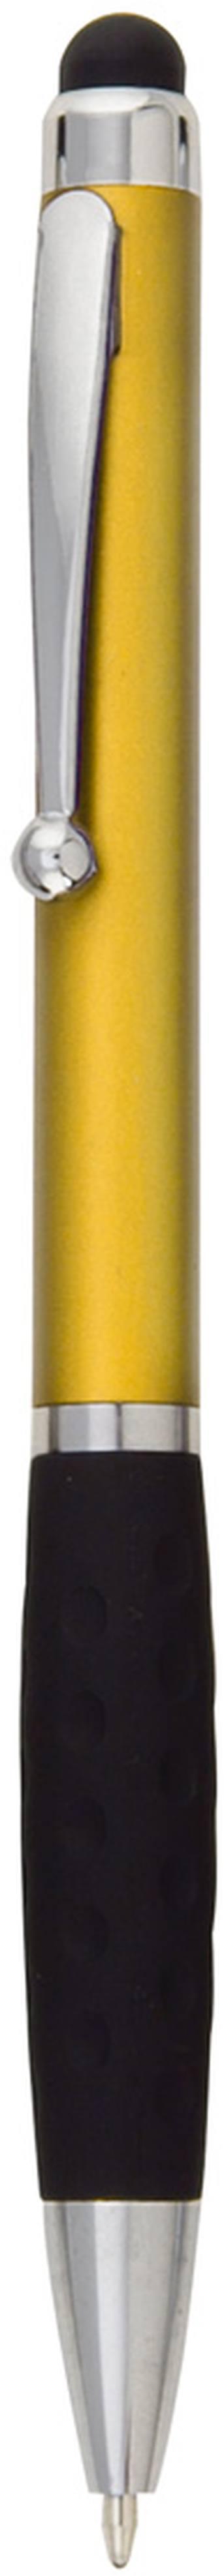 Sagur dotykové kuličkové pero